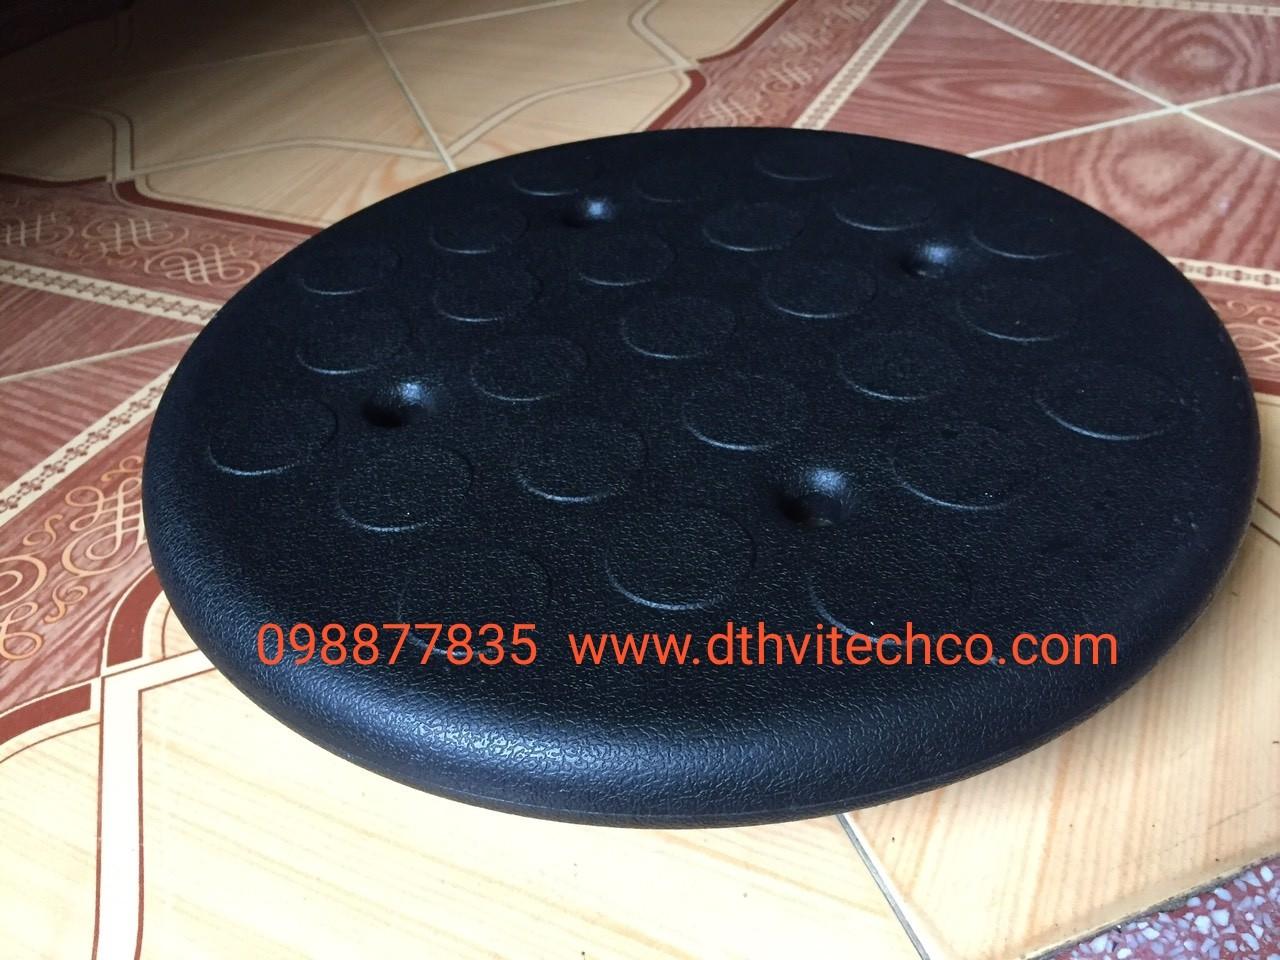 Mặt ghế tròn xoay chống tĩnh điện esd + bán cả phụ tùng lẻ